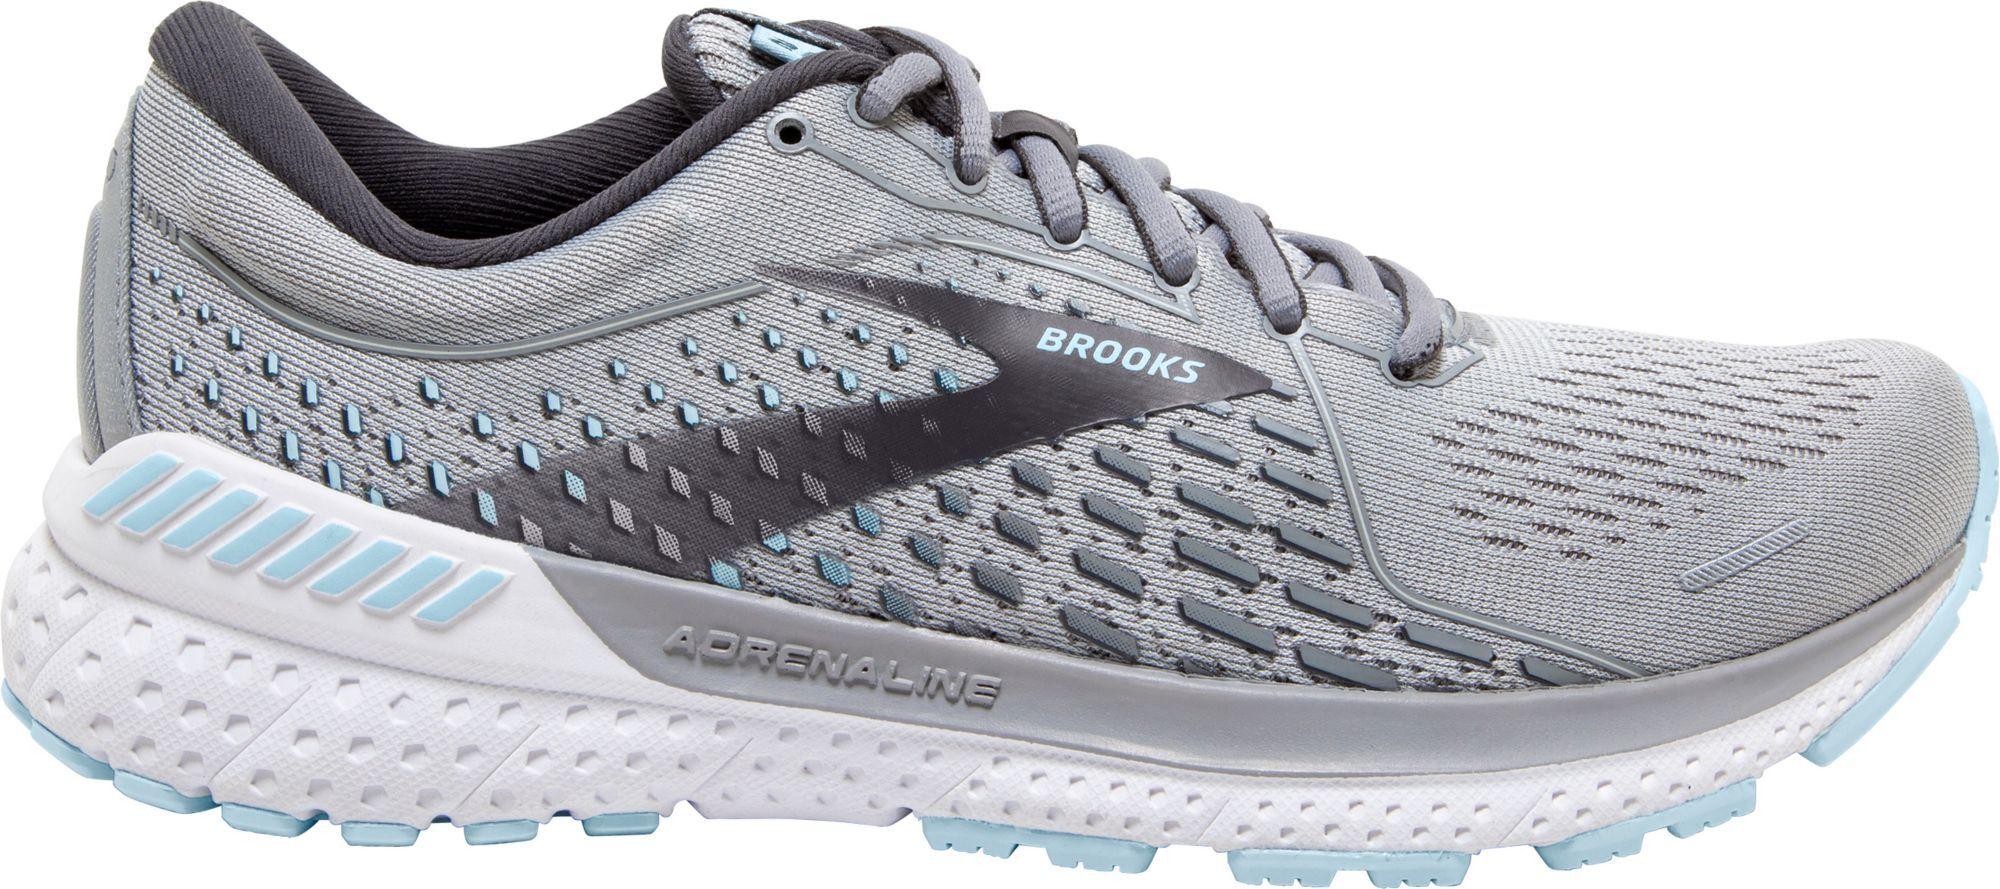 Brooks Women's Adrenaline GTS 21 Running Shoes, Gray